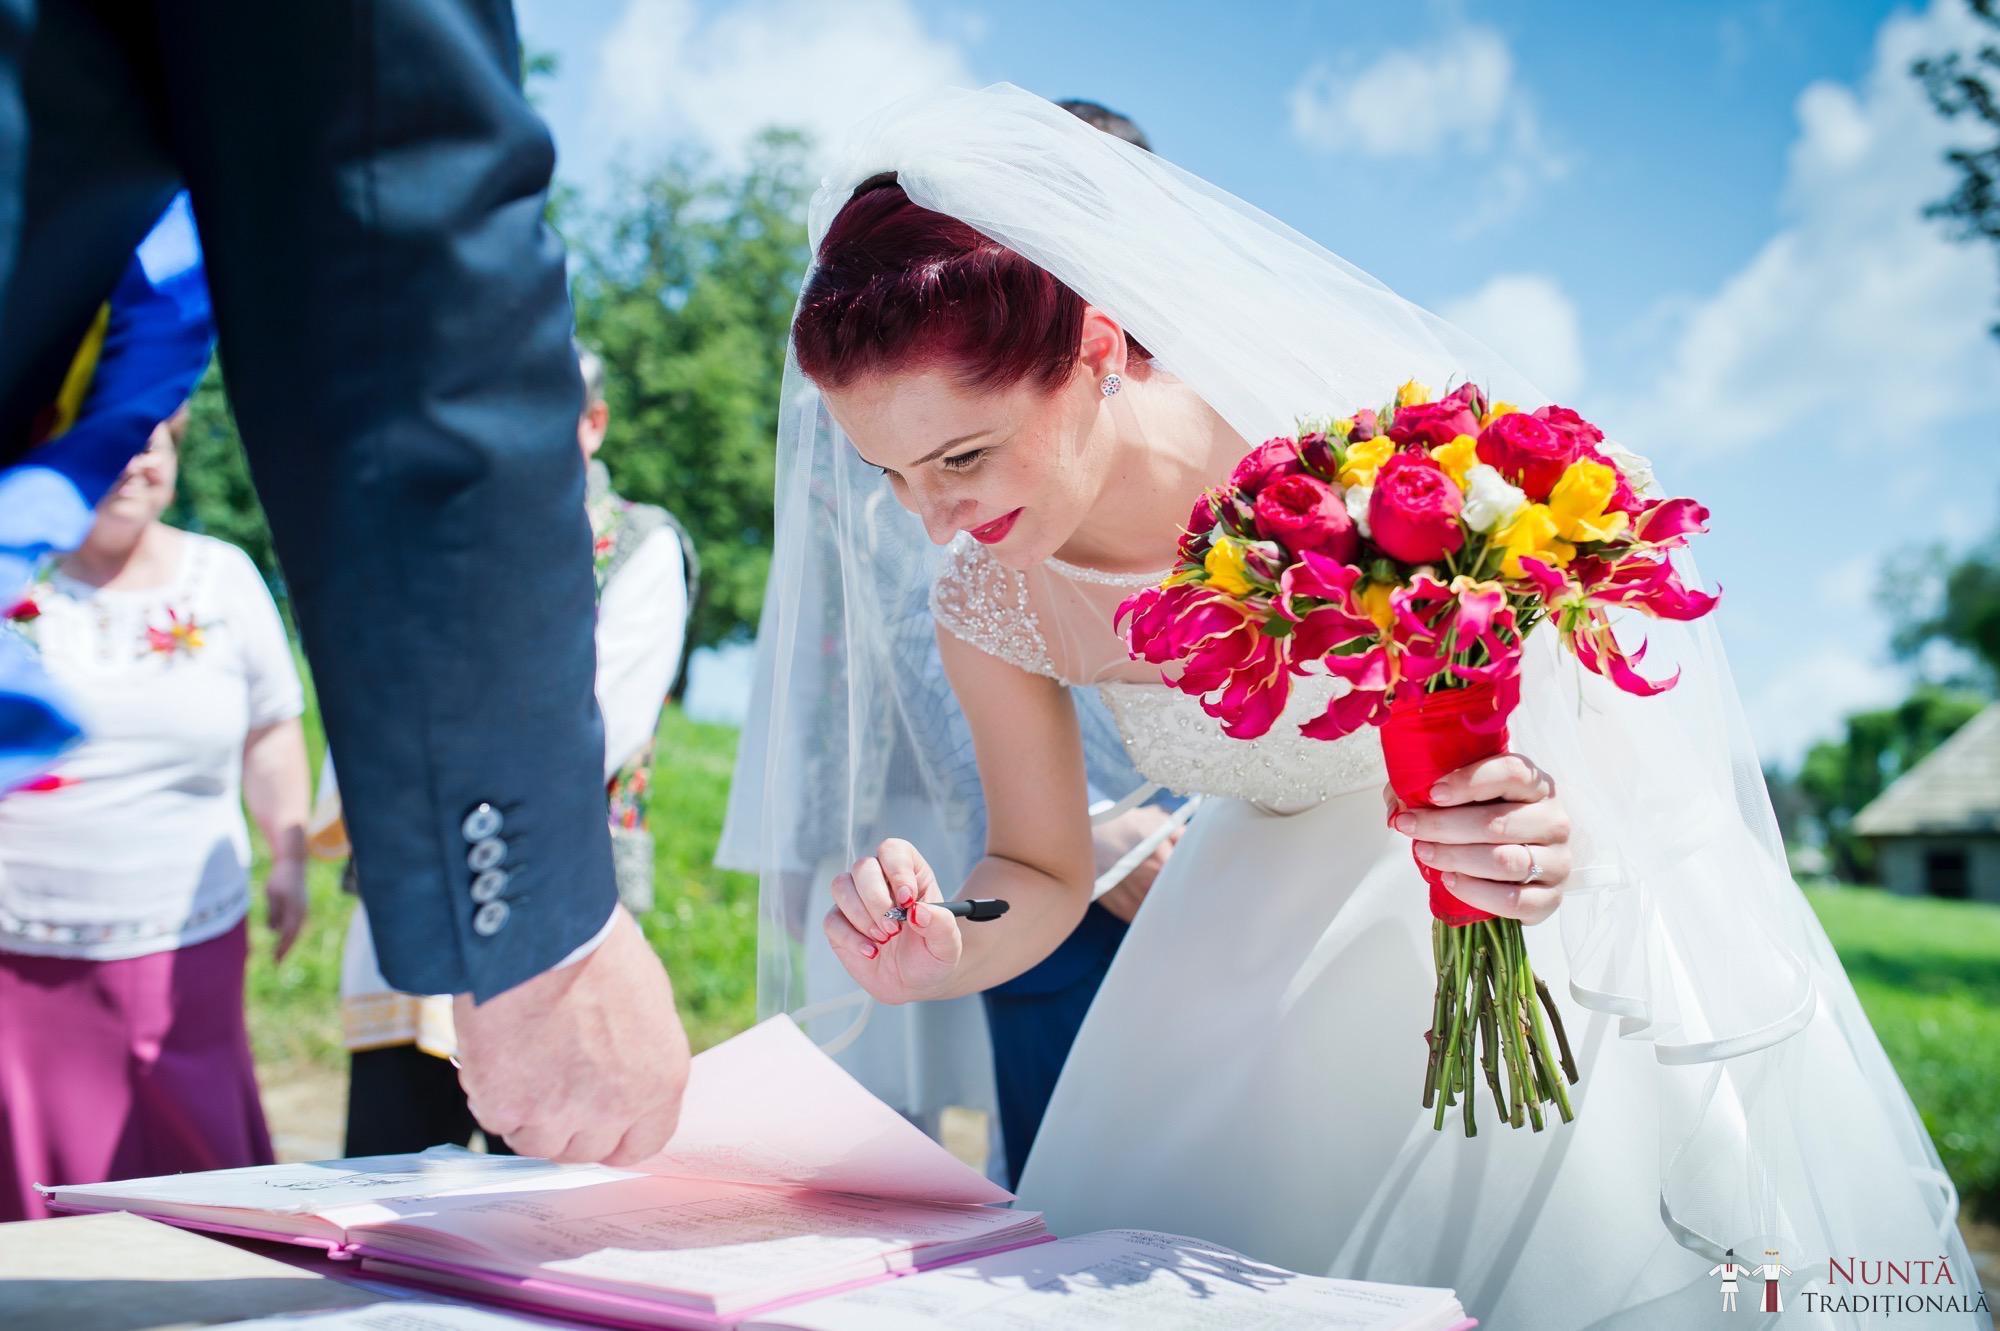 Povești Nunți Tradiționale - Gabriela și Mădălin - Nuntă Tradițională în Suceava, Bucovina 70